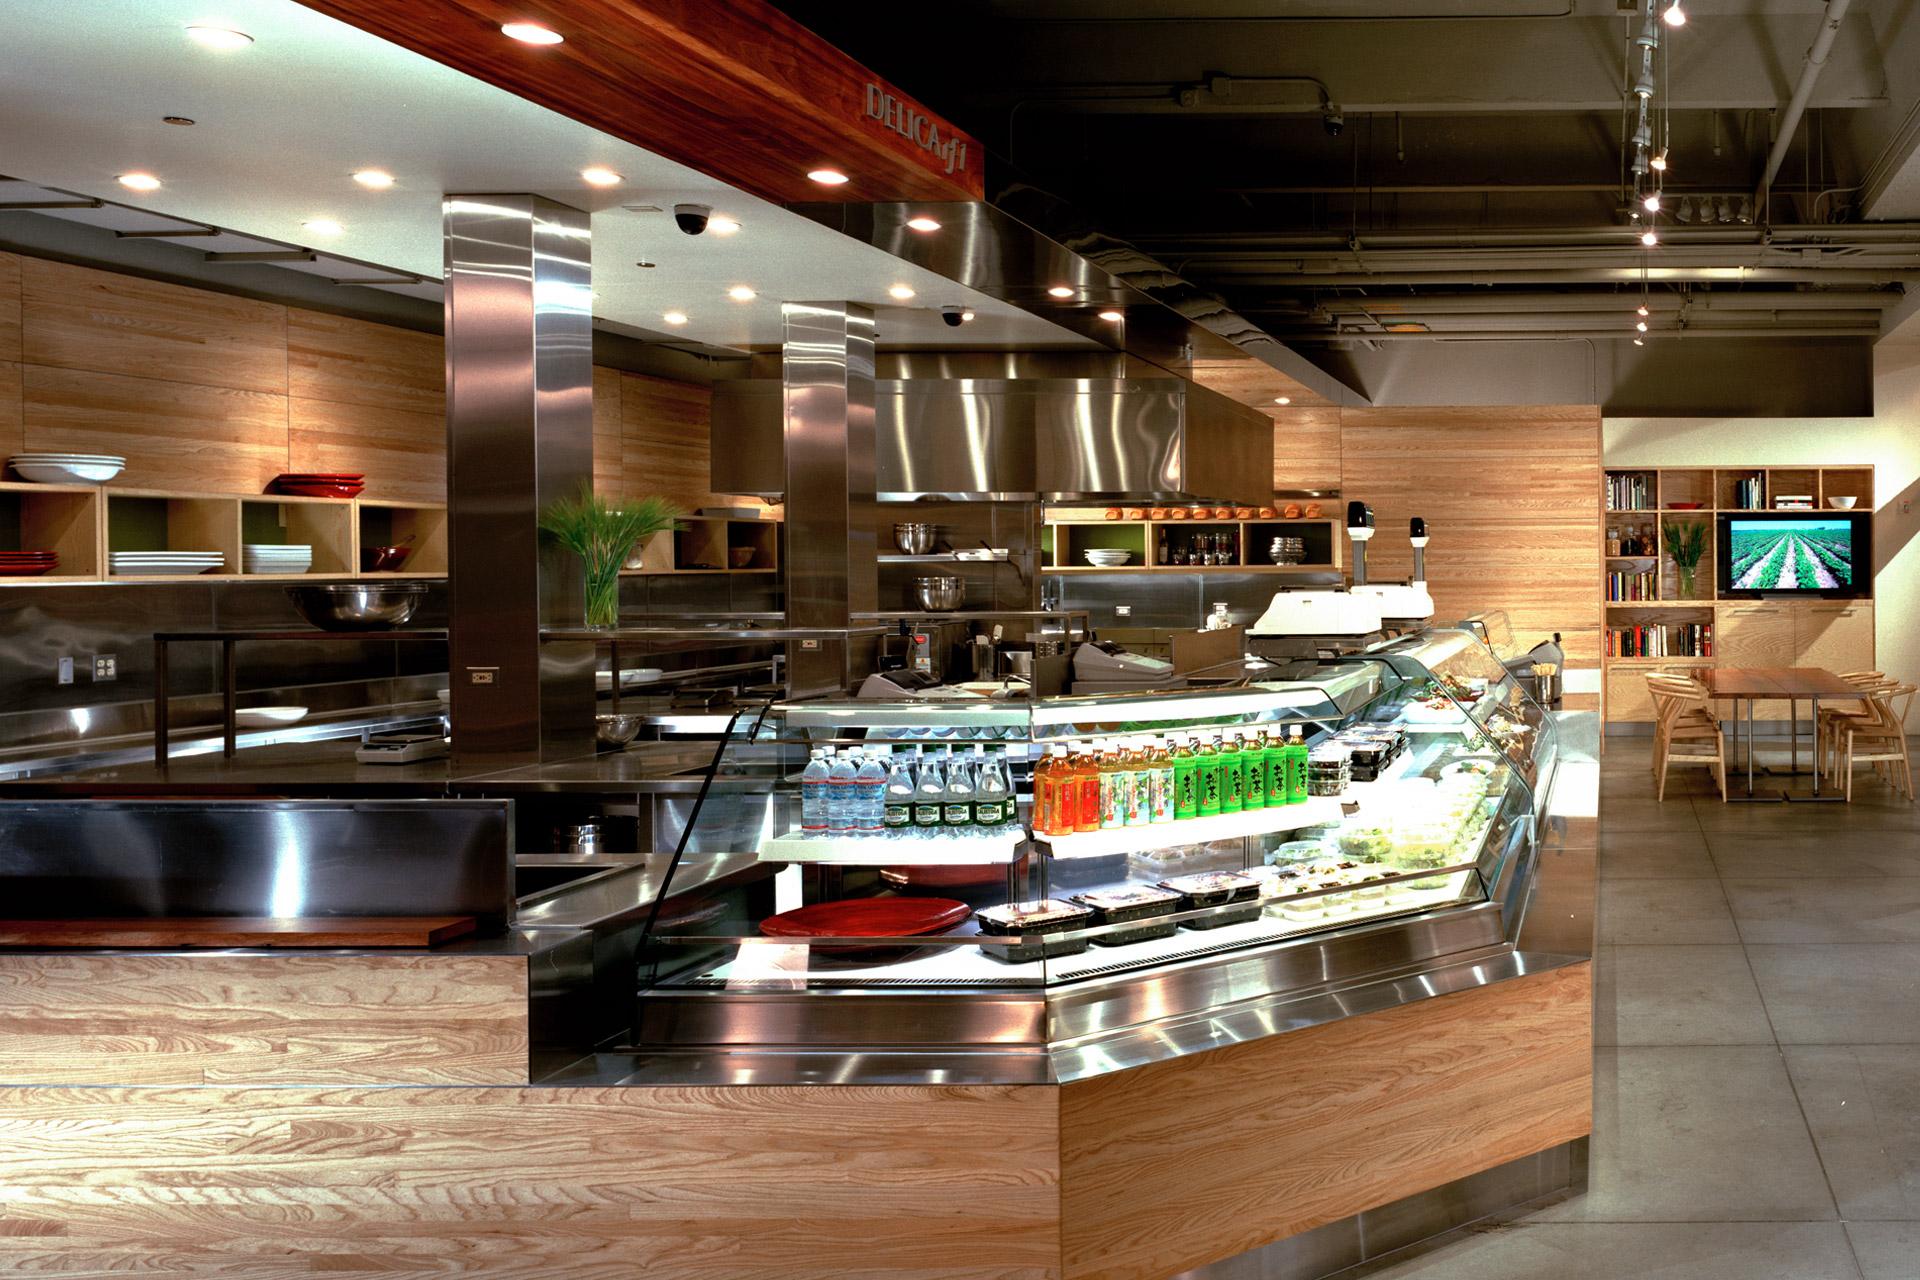 Delica restaurant decor